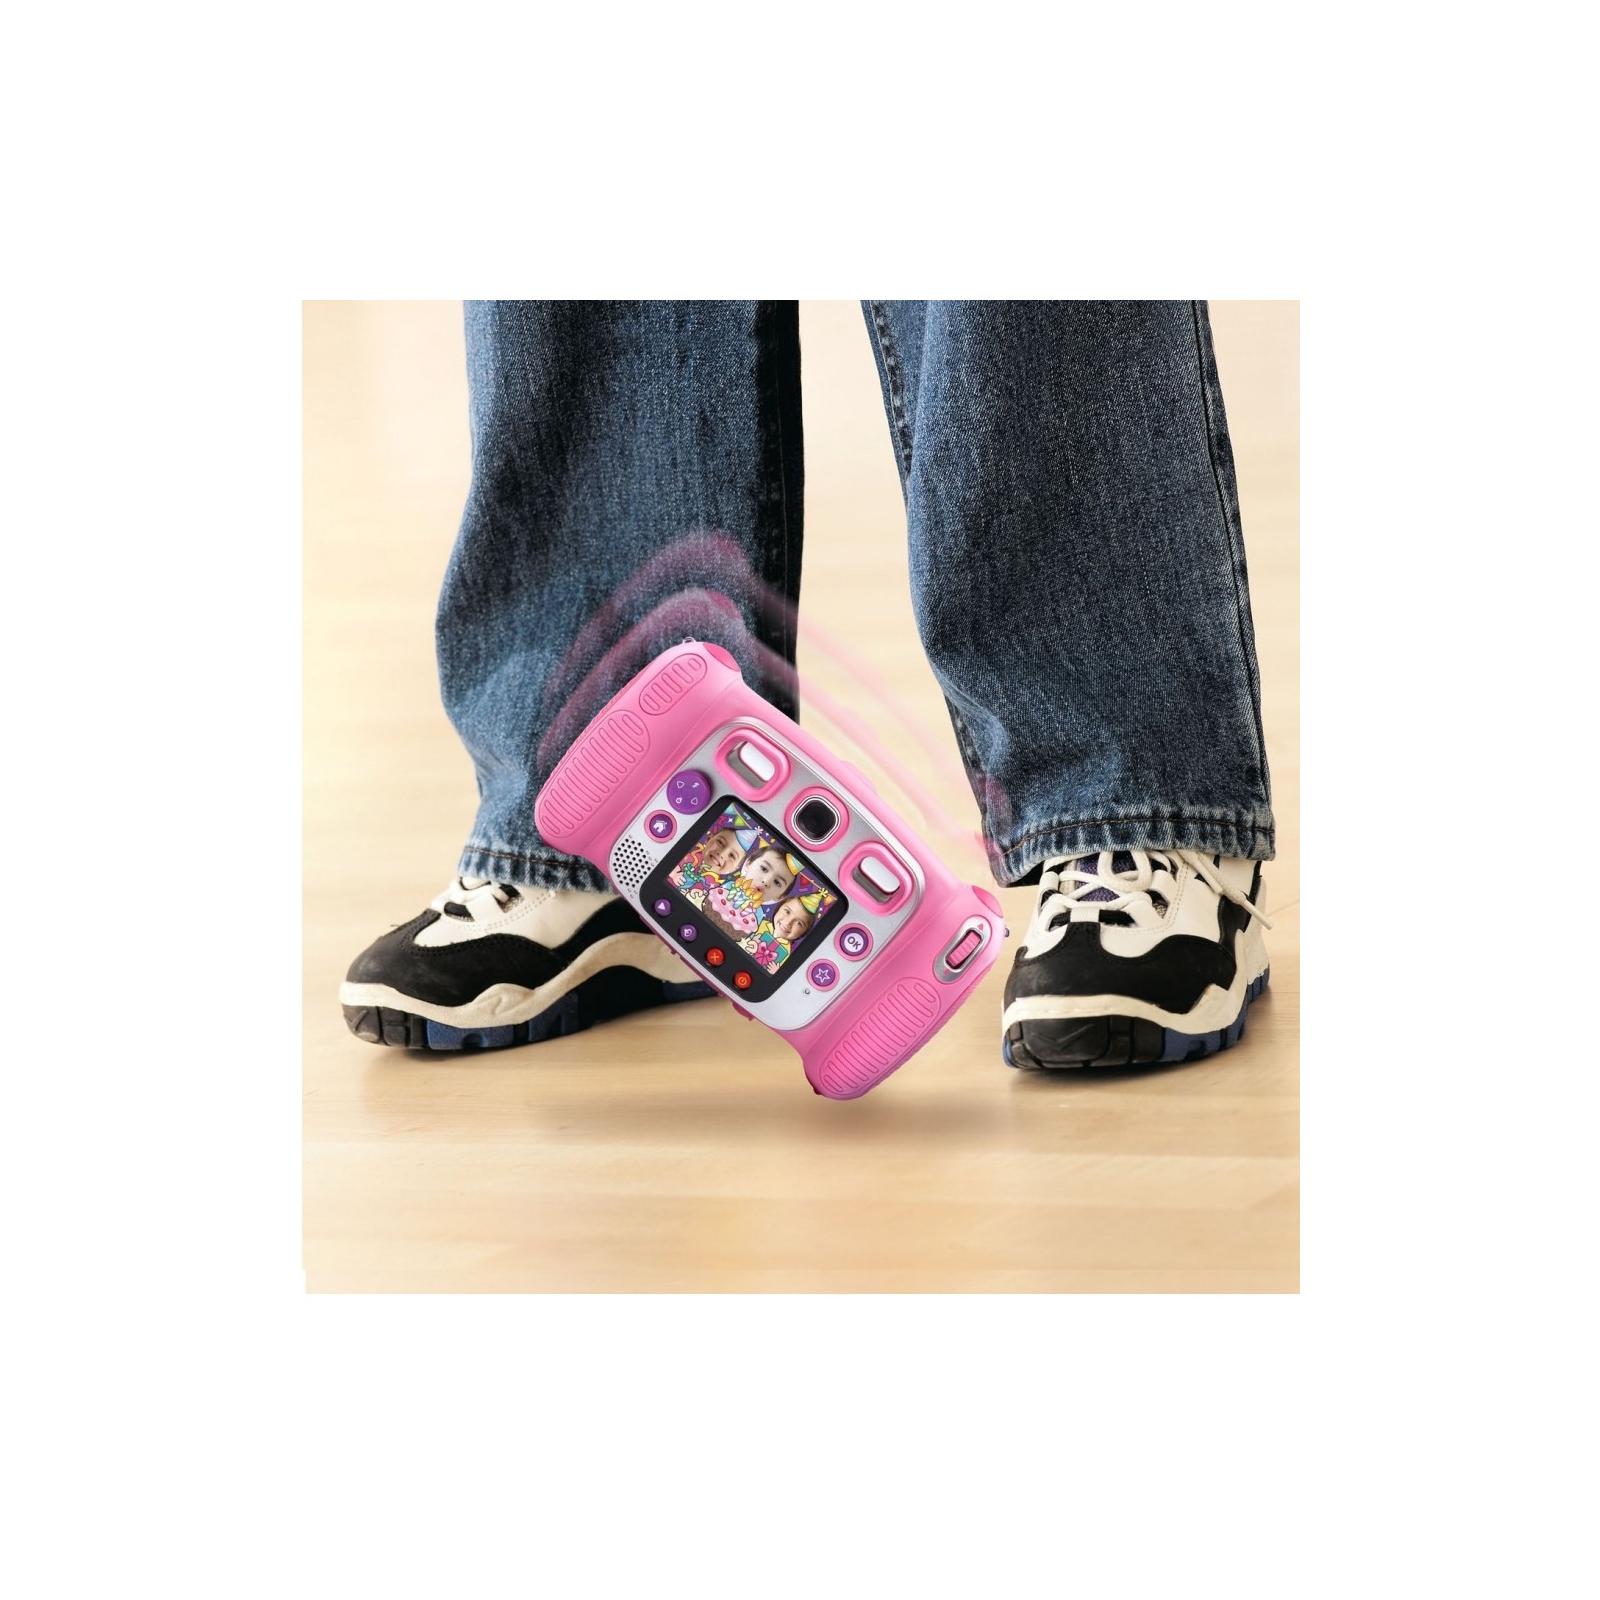 Интерактивная игрушка VTech Детская цифровая фотокамера Kidizoom Duo Pink (80-170853) изображение 6